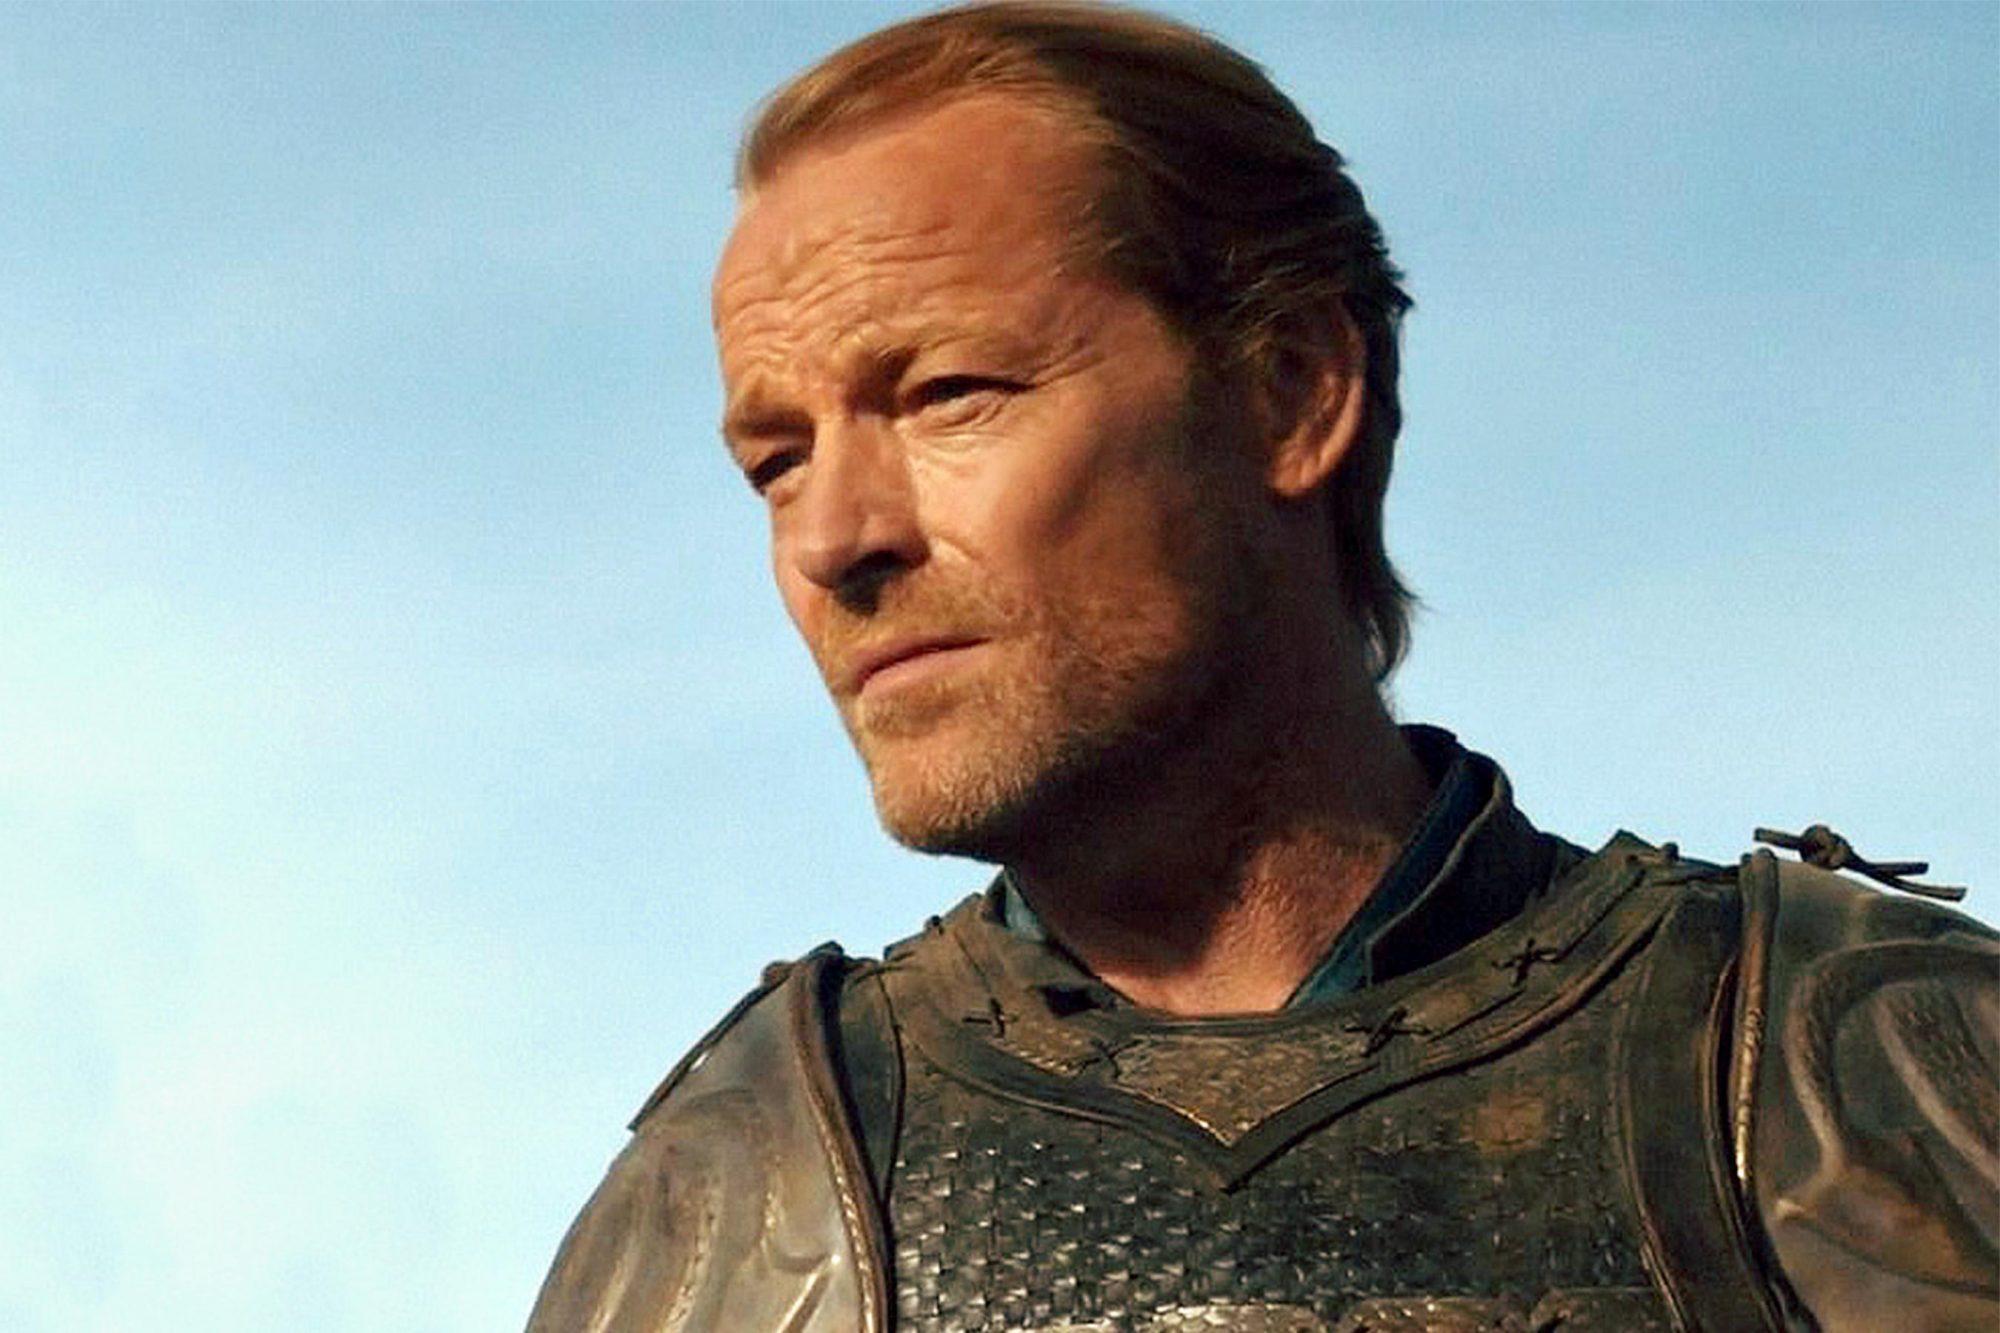 Game of Thrones Iain Glen as Ser Jorah Mormont CR: HBO